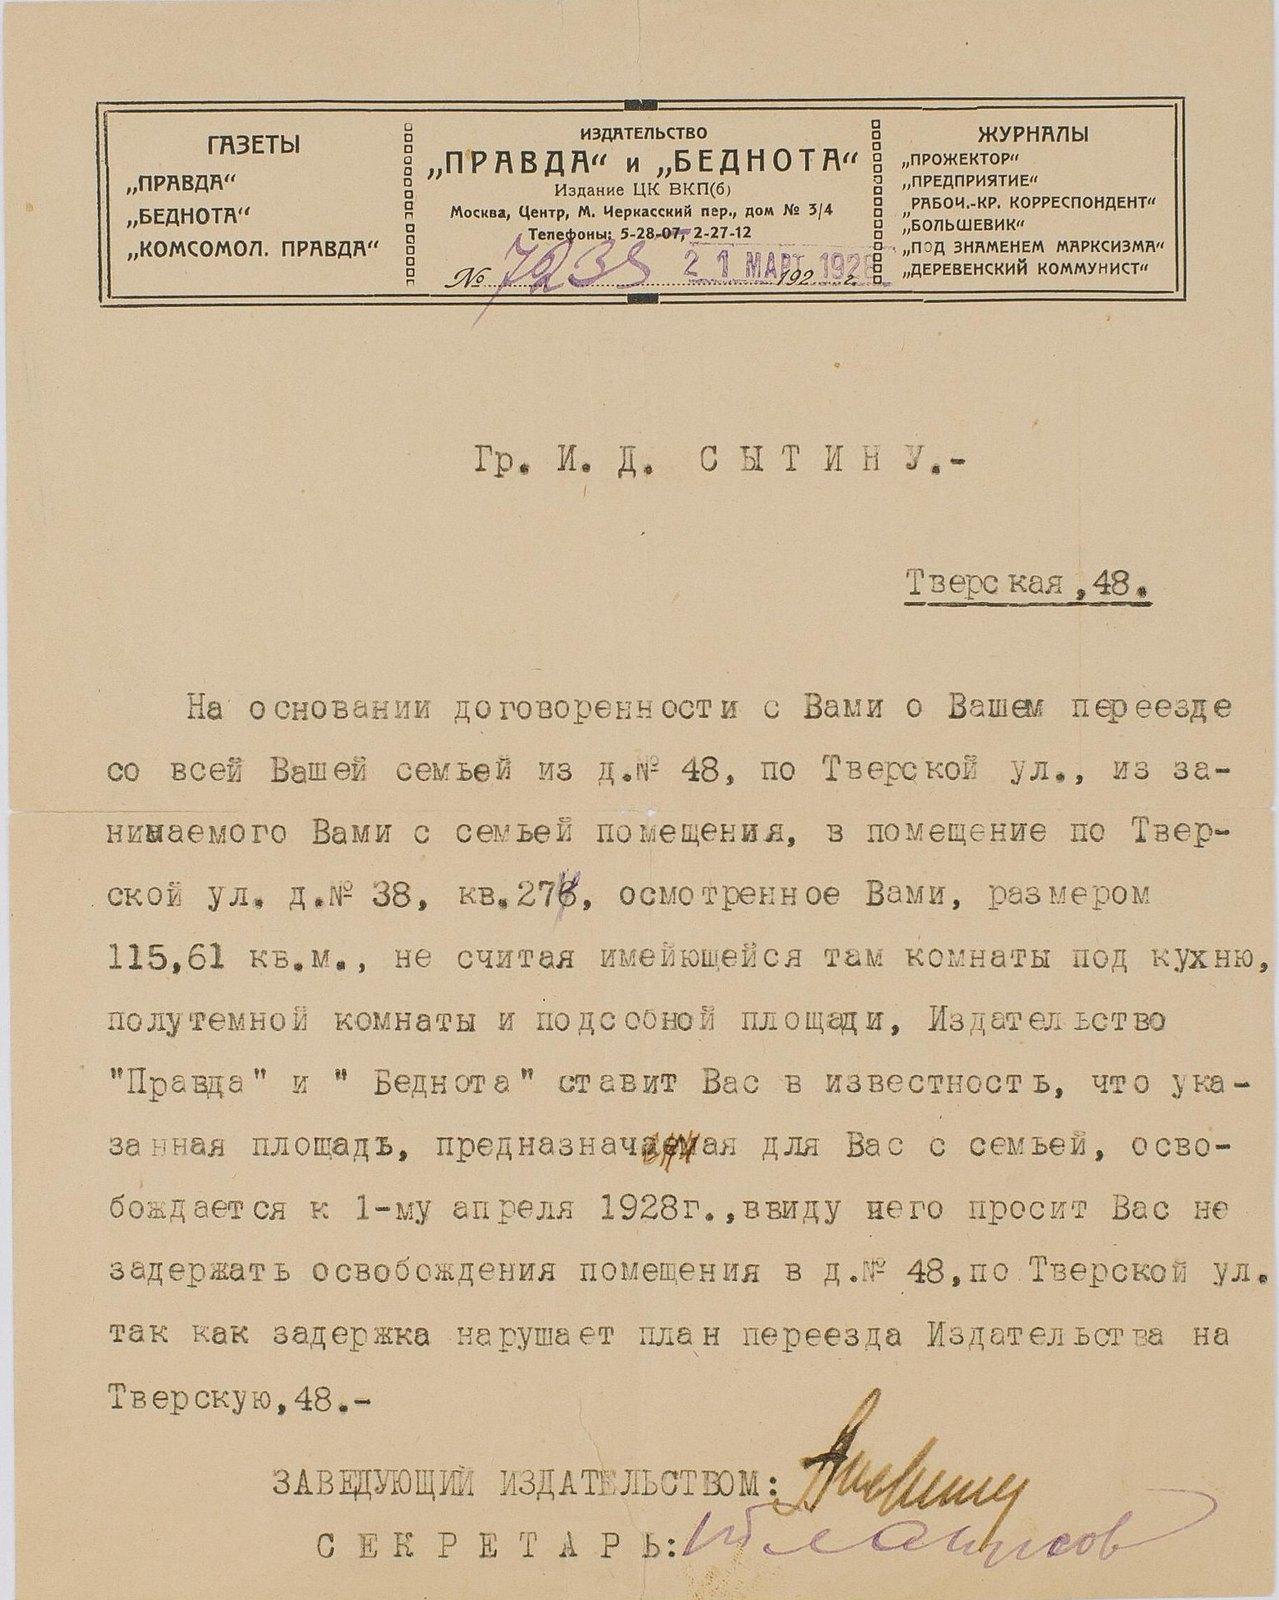 42. 1928. Письмо И.Д.Сытину из издательства «Правда» и «Беднота» по поводу переезда из д.№48.